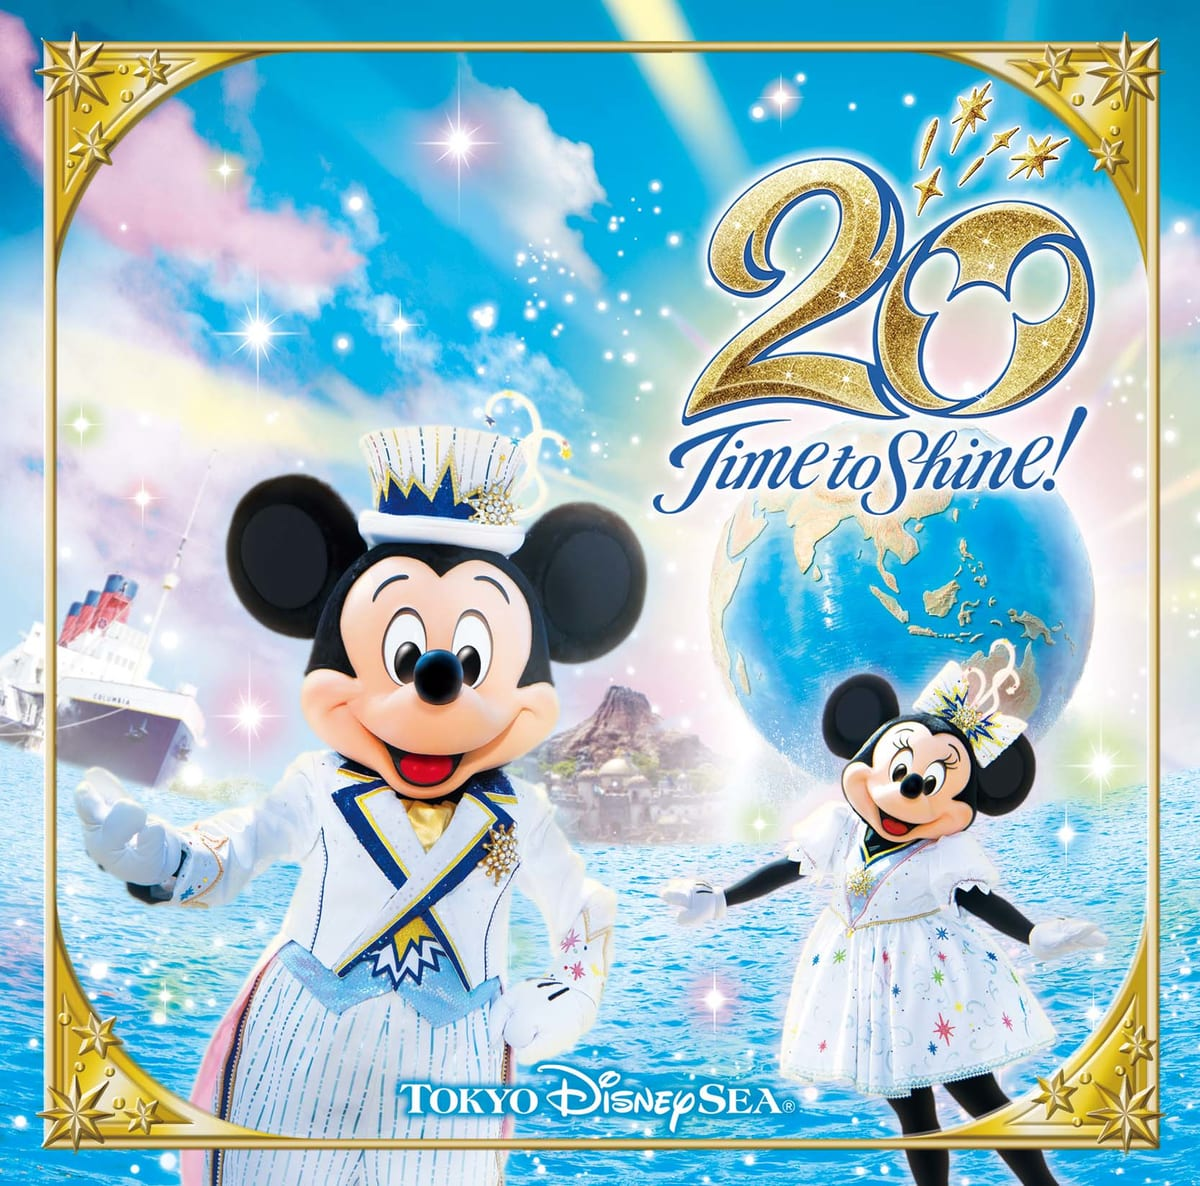 懐かしのシーズナルイベント曲から初収録楽曲まで盛りだくさん!CDアルバム「東京ディズニーシー20周年:タイム・トゥ・シャイン!ミュージック・アルバム [デラックス](3CD)」